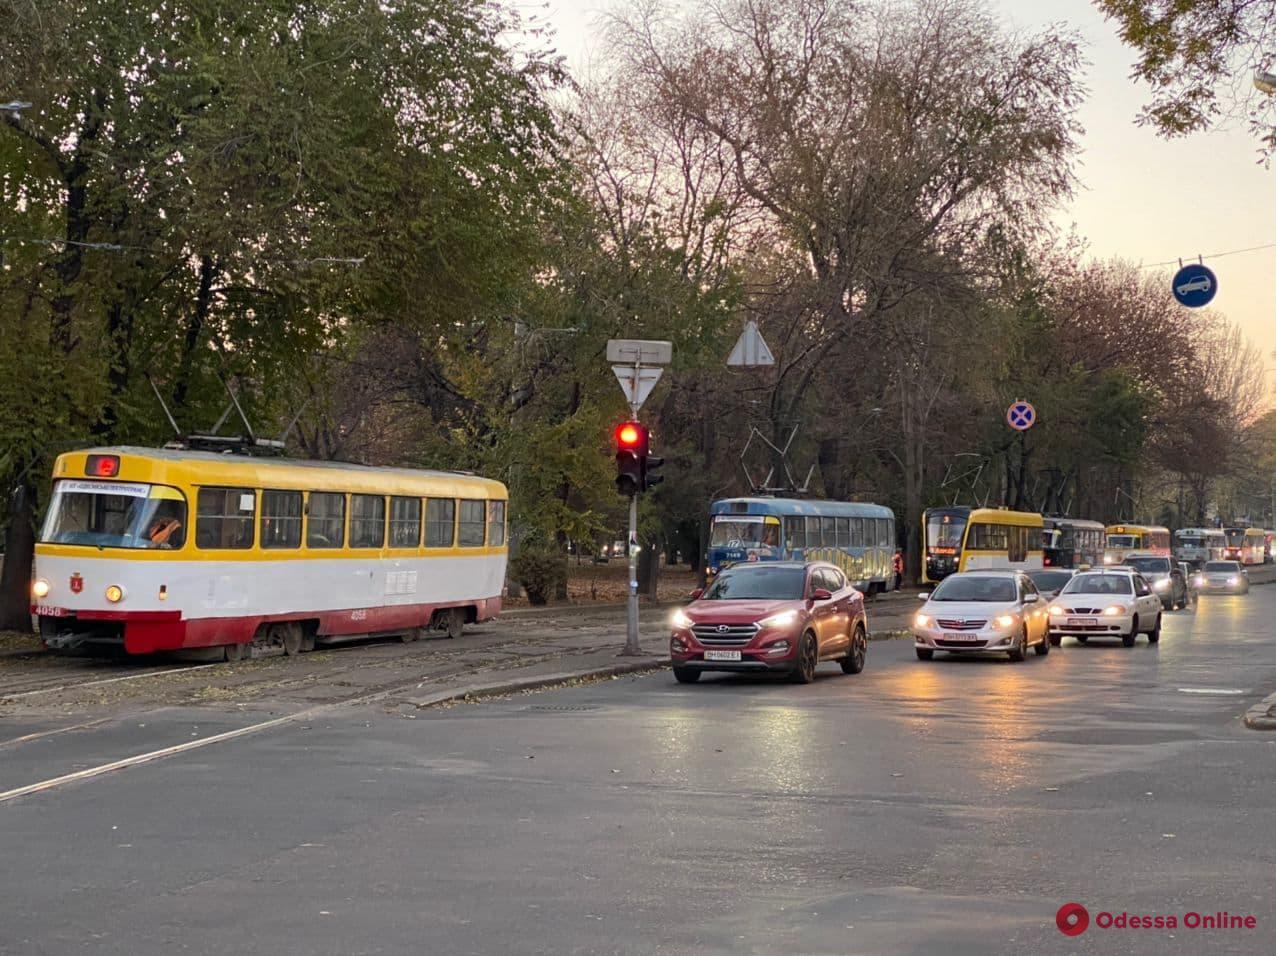 Из-за ДТП на Старопортофранковской не ходят трамваи (фото)